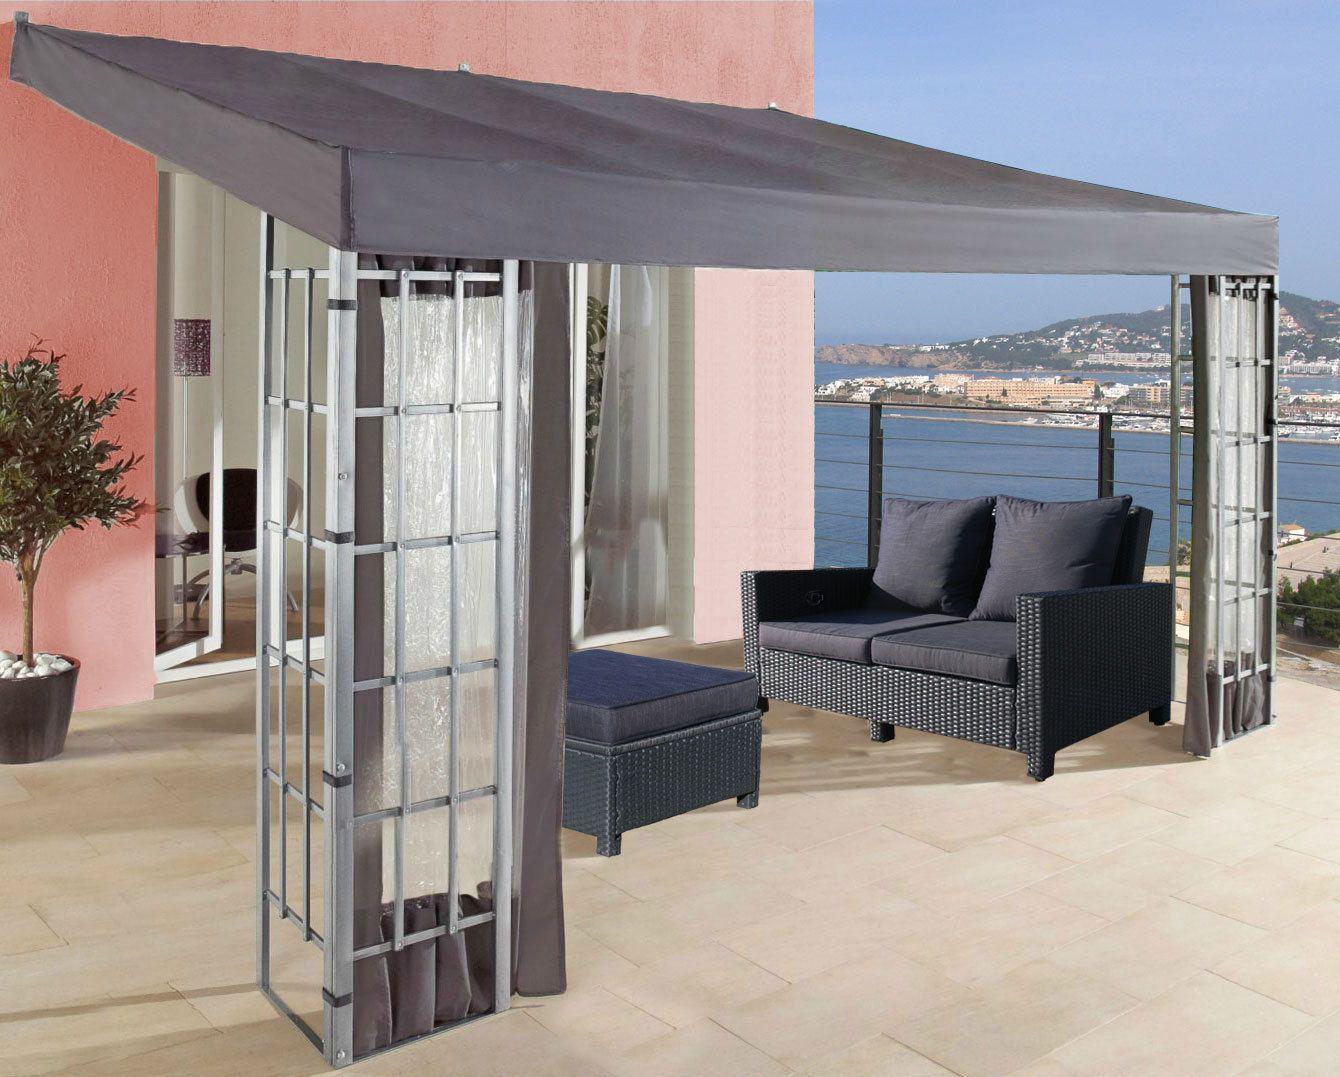 markise 3m gallery of markise m breit with markise 3m. Black Bedroom Furniture Sets. Home Design Ideas